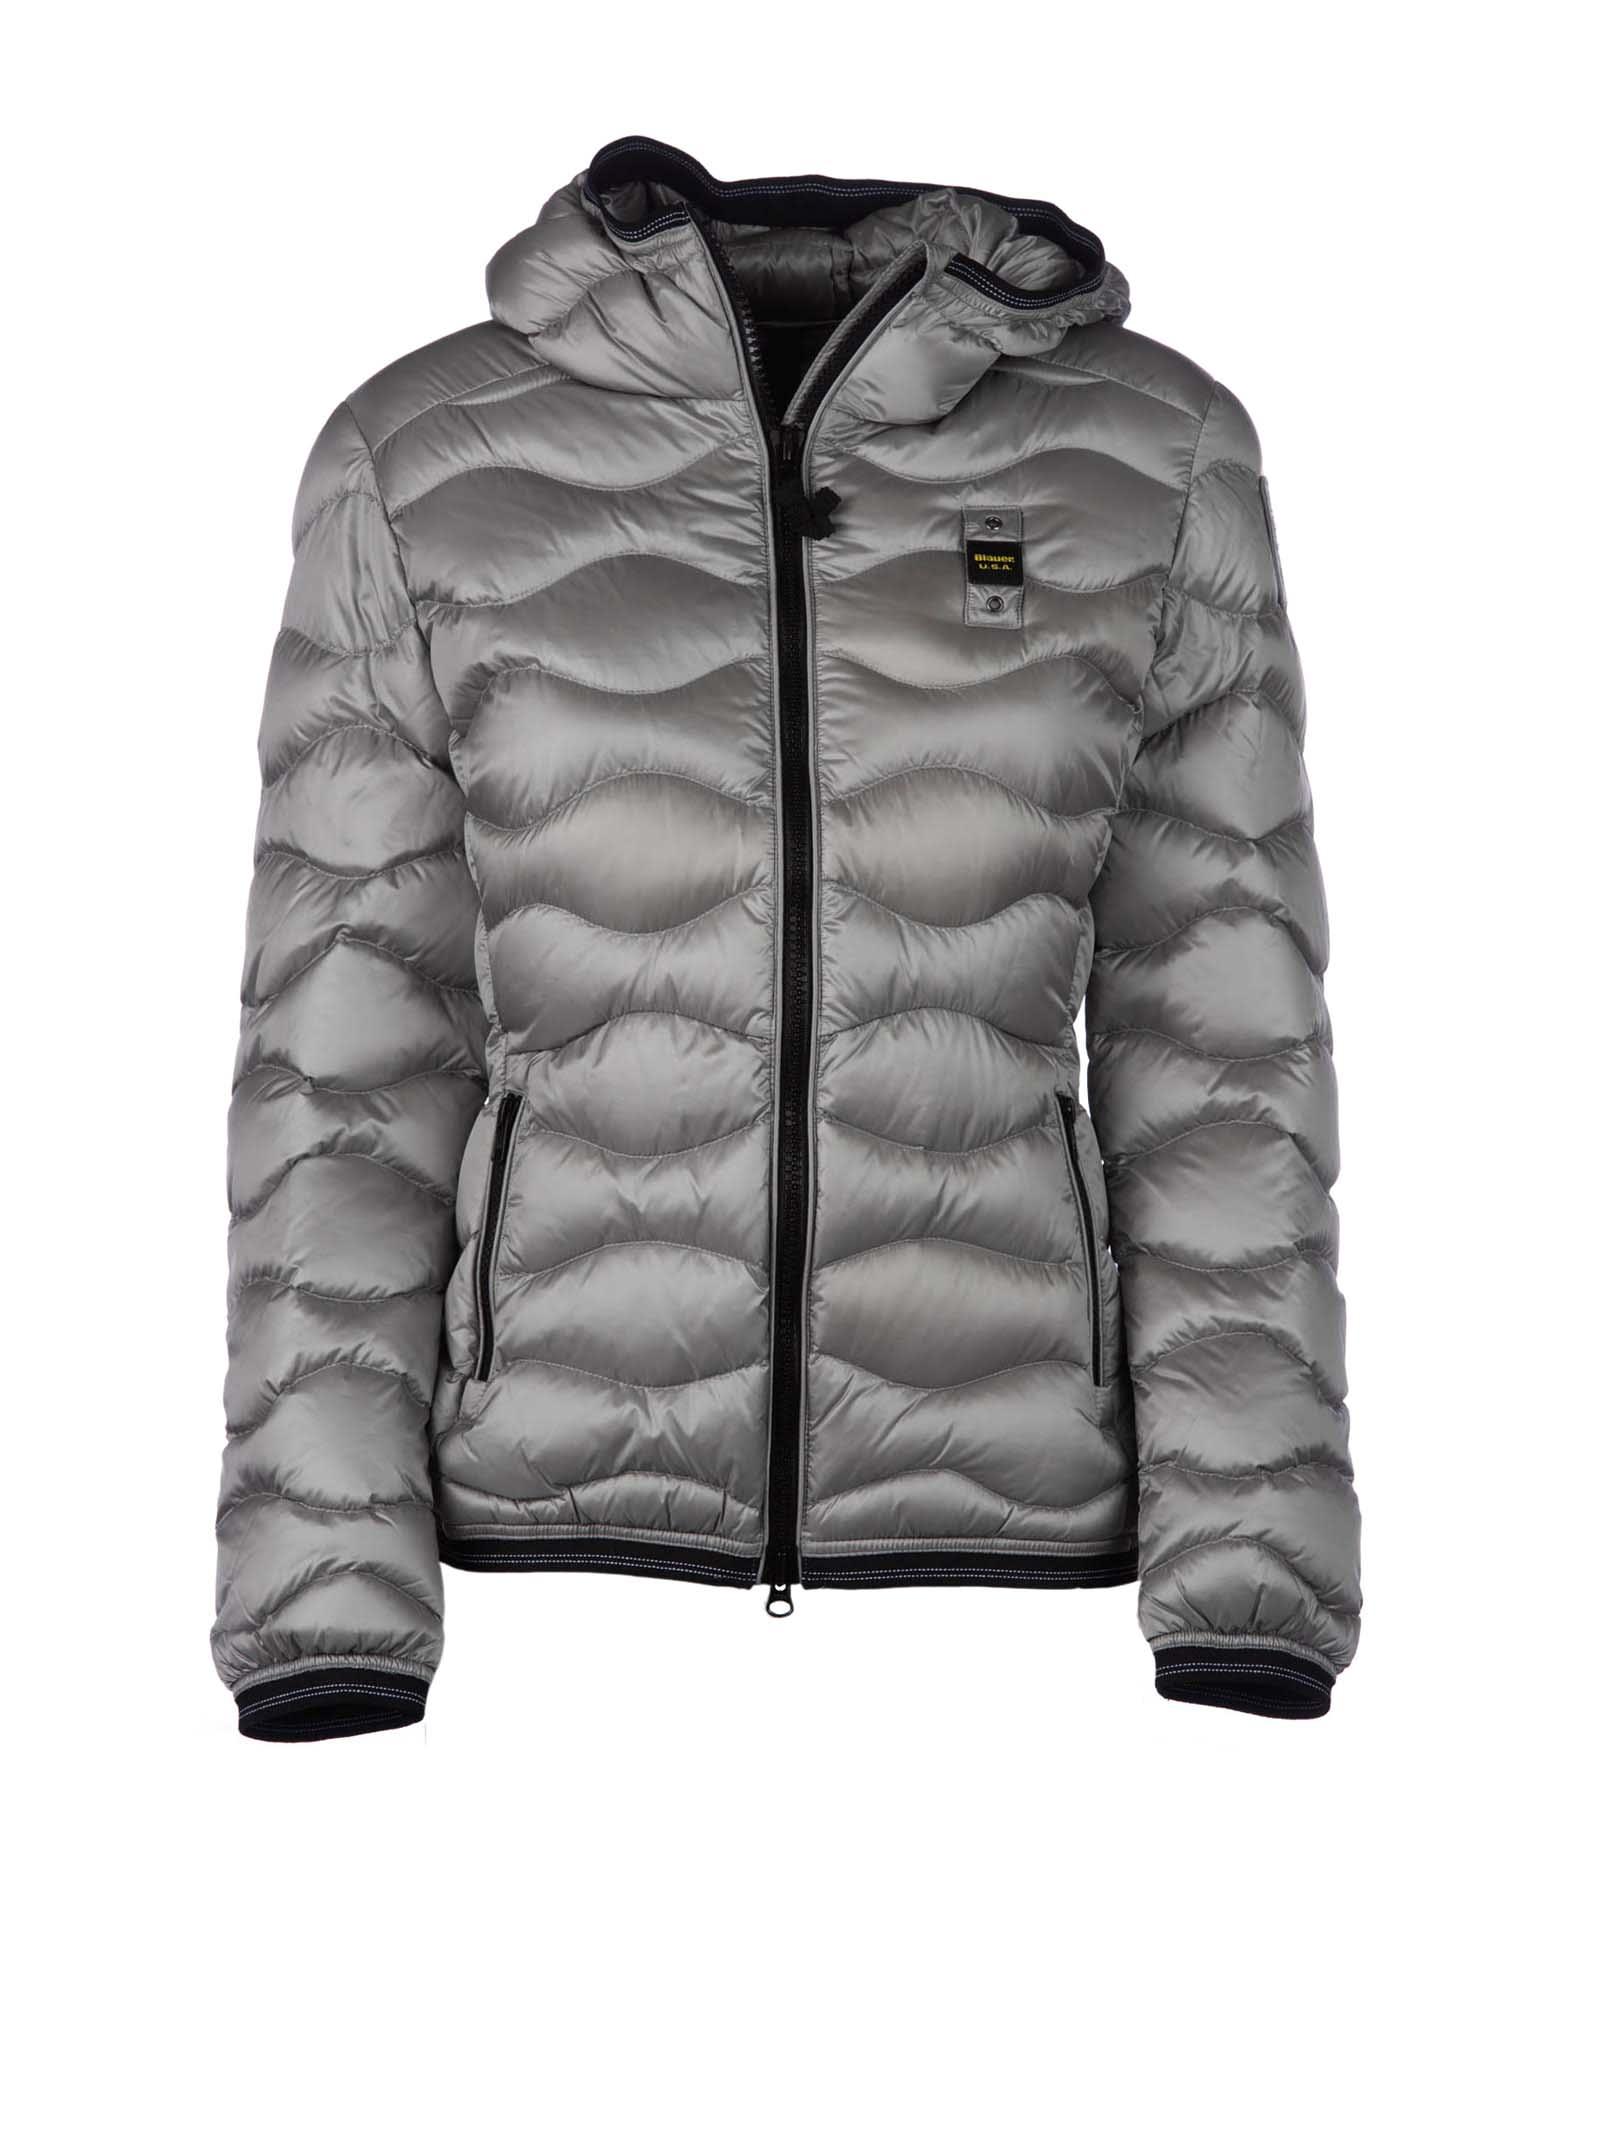 Photo of  Blauer Blauer Kennedy Wave-quilted Jacket- shop Blauer jackets online sales